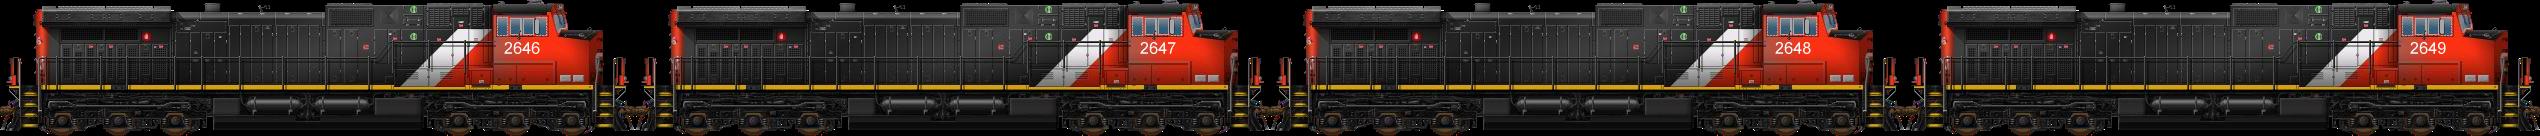 9-44CW Brute